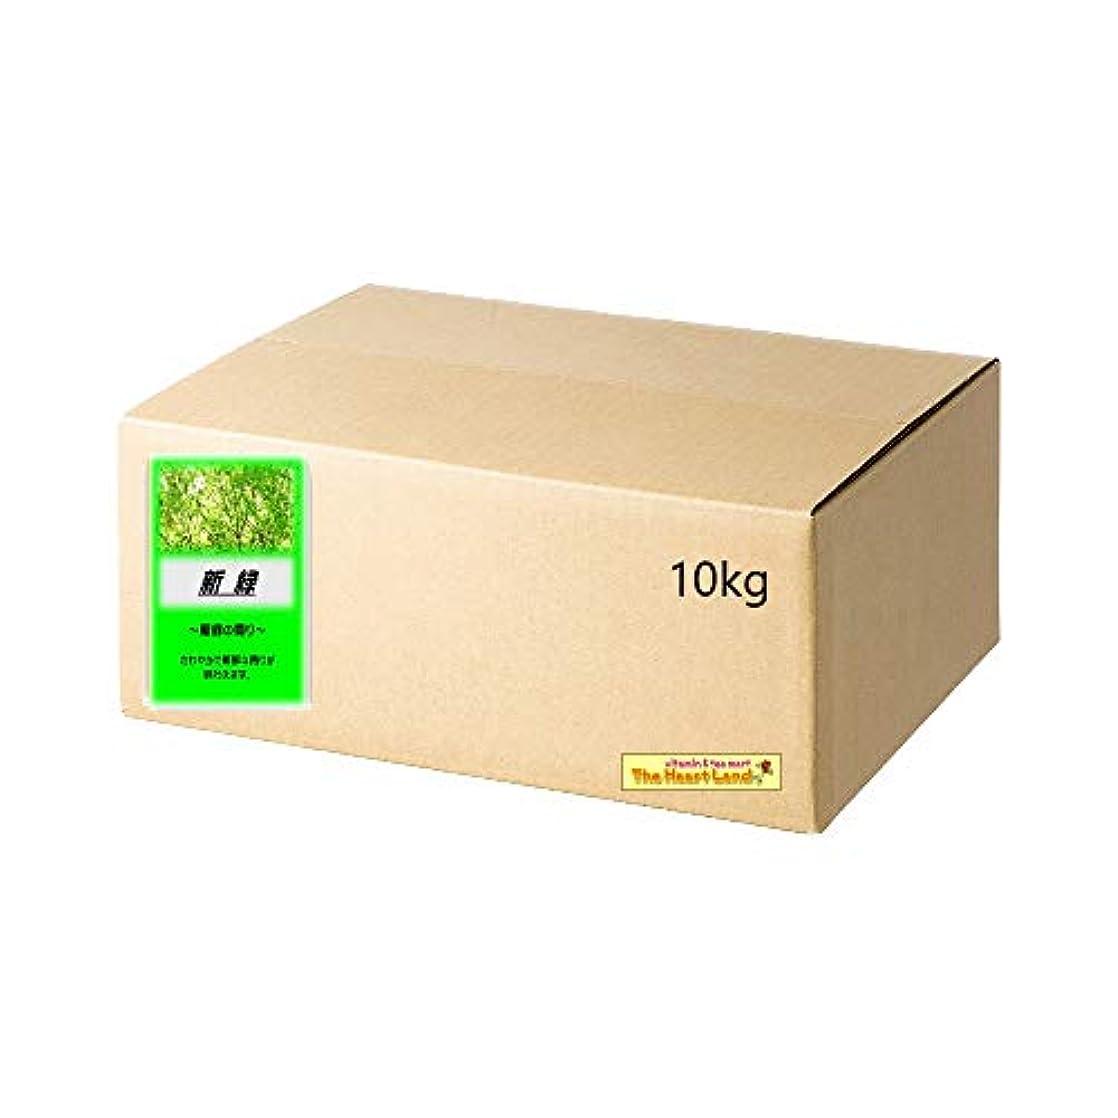 部冷凍庫摩擦アサヒ入浴剤 浴用入浴化粧品 新緑 10kg